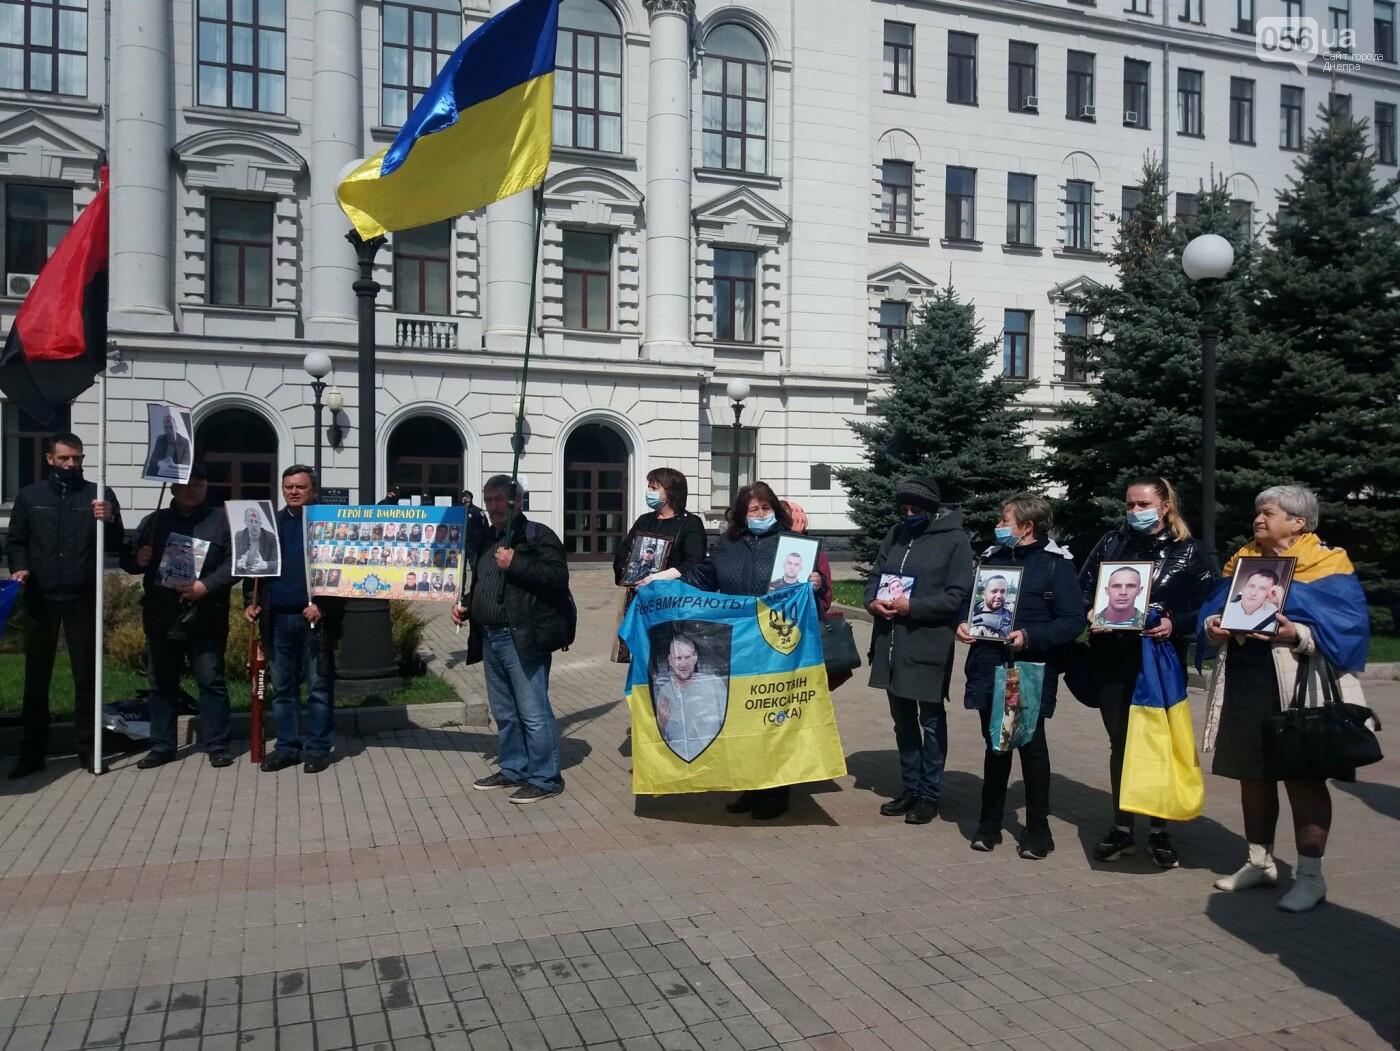 Днепровские активисты требуют лишить депутатского мандата и должности Геннадия Гуфмана: реакция политика, фото-11